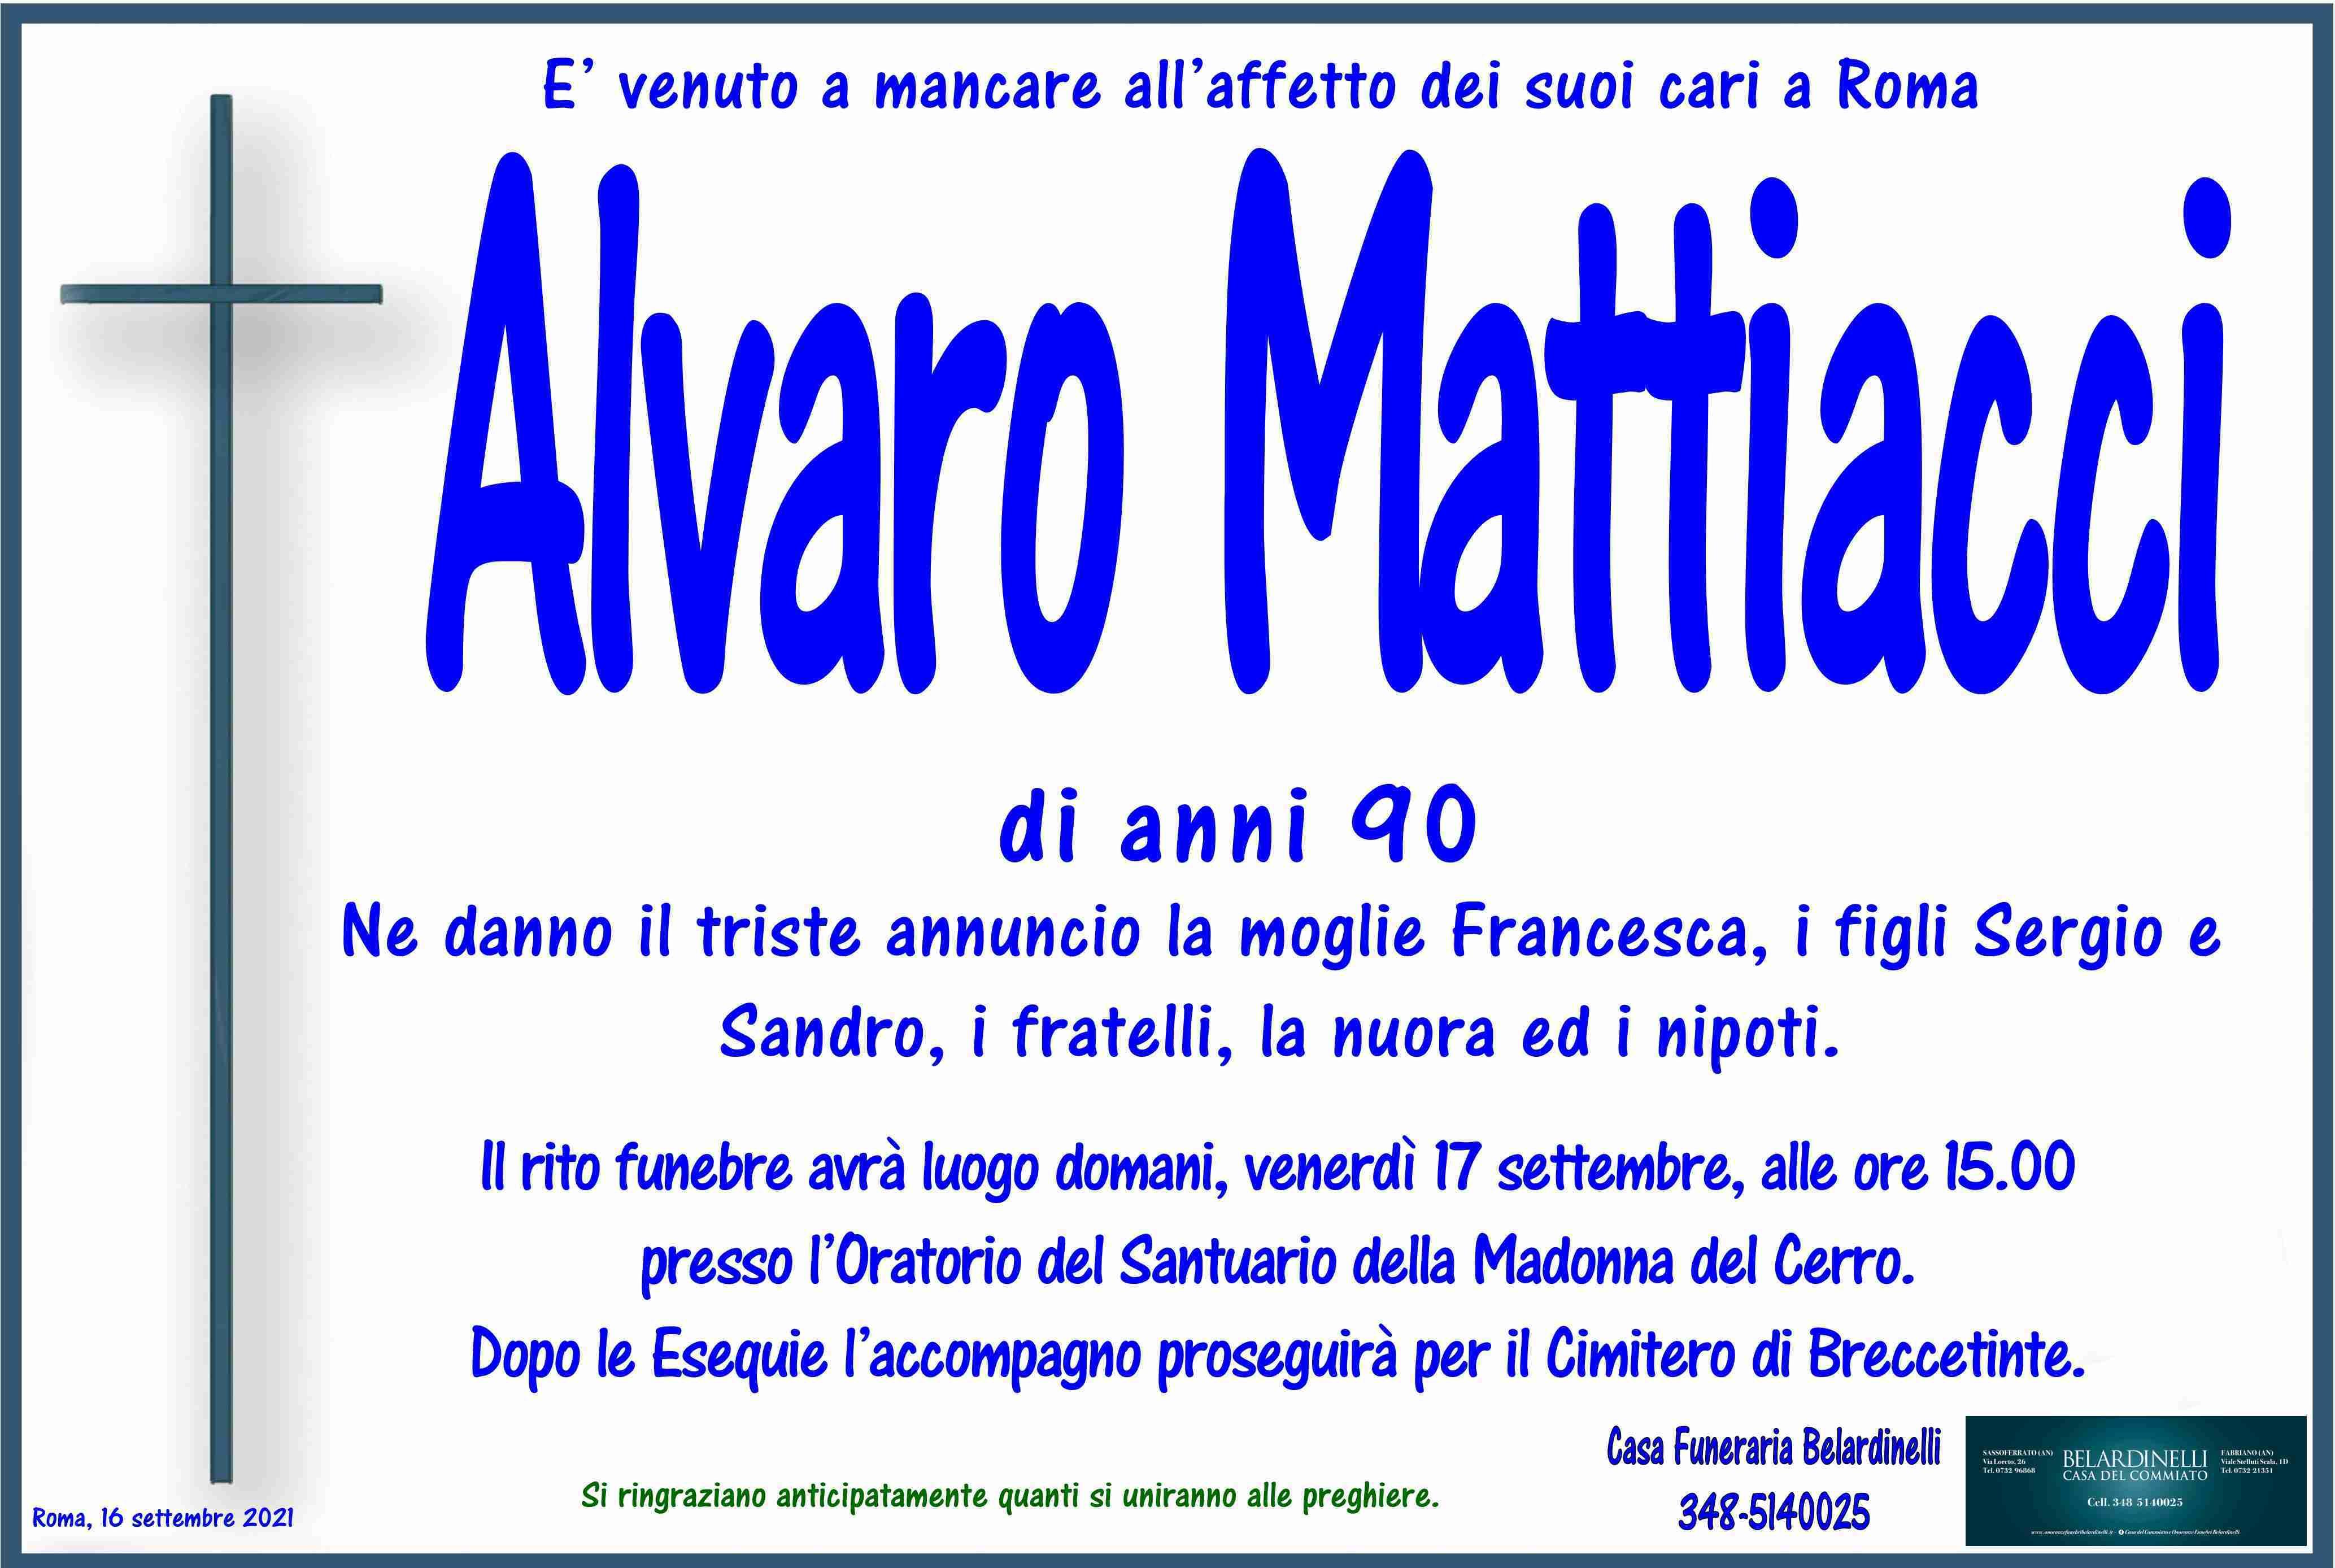 Alvaro Mattiacci